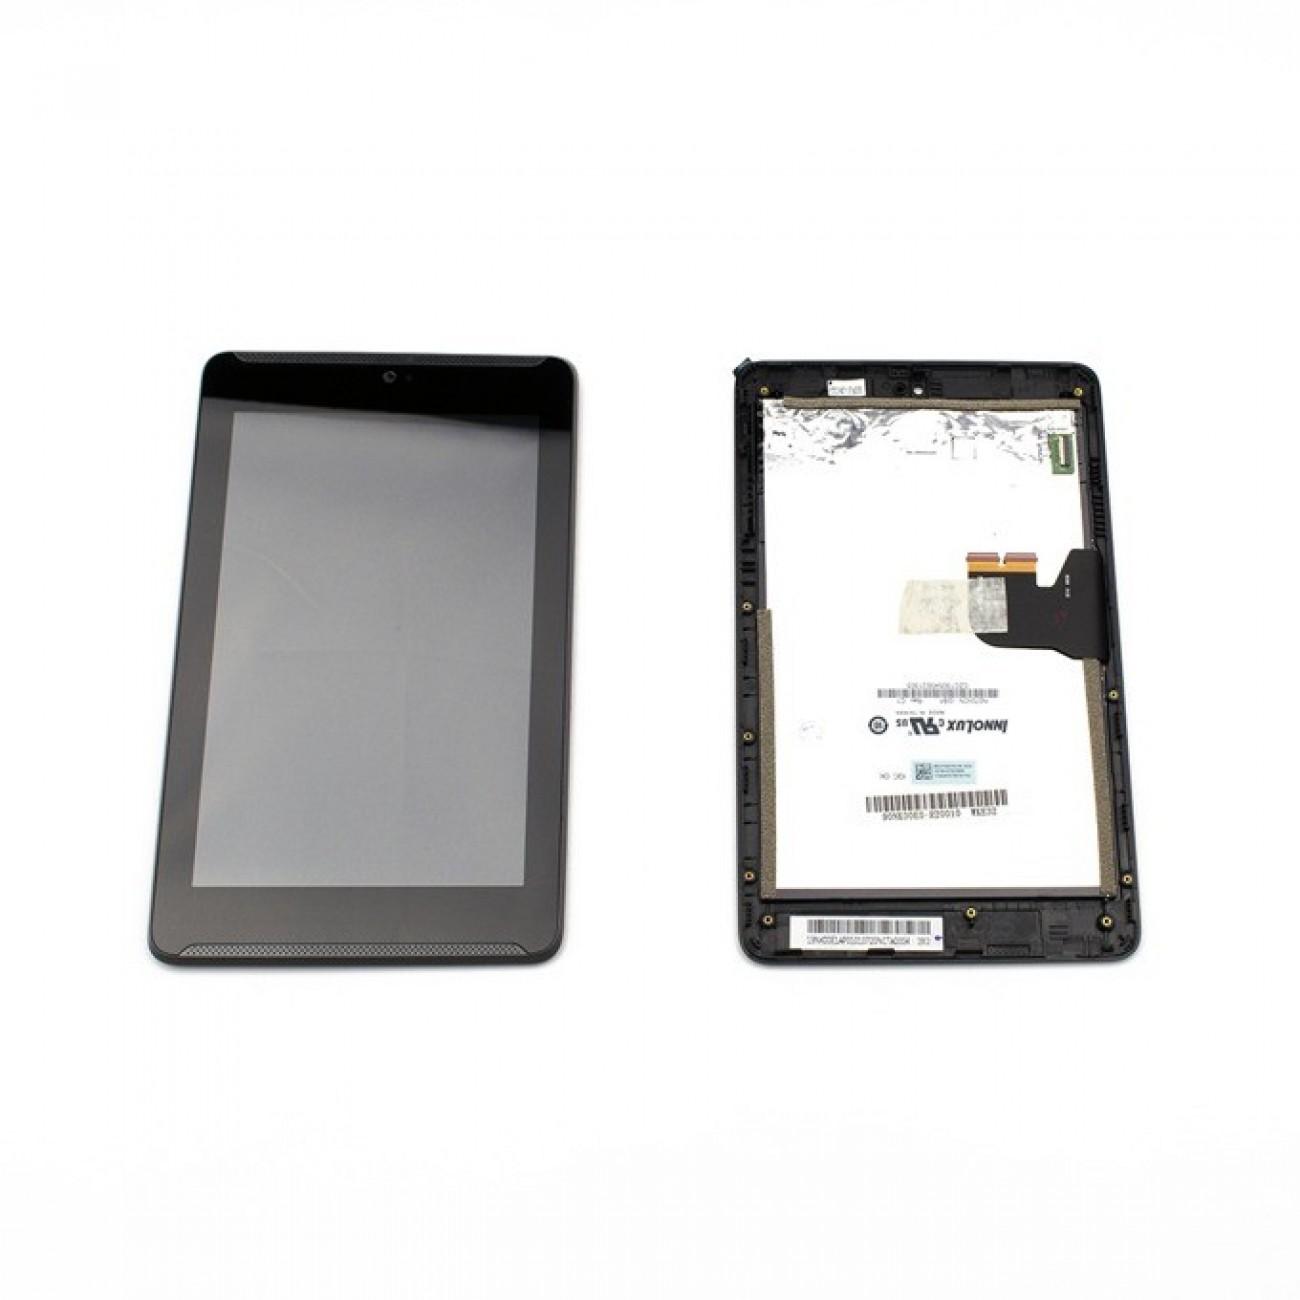 Тъч модул+ тъч скрийн за Asus MemoPad Me372GC, touch, черен в Резервни части -  | Alleop